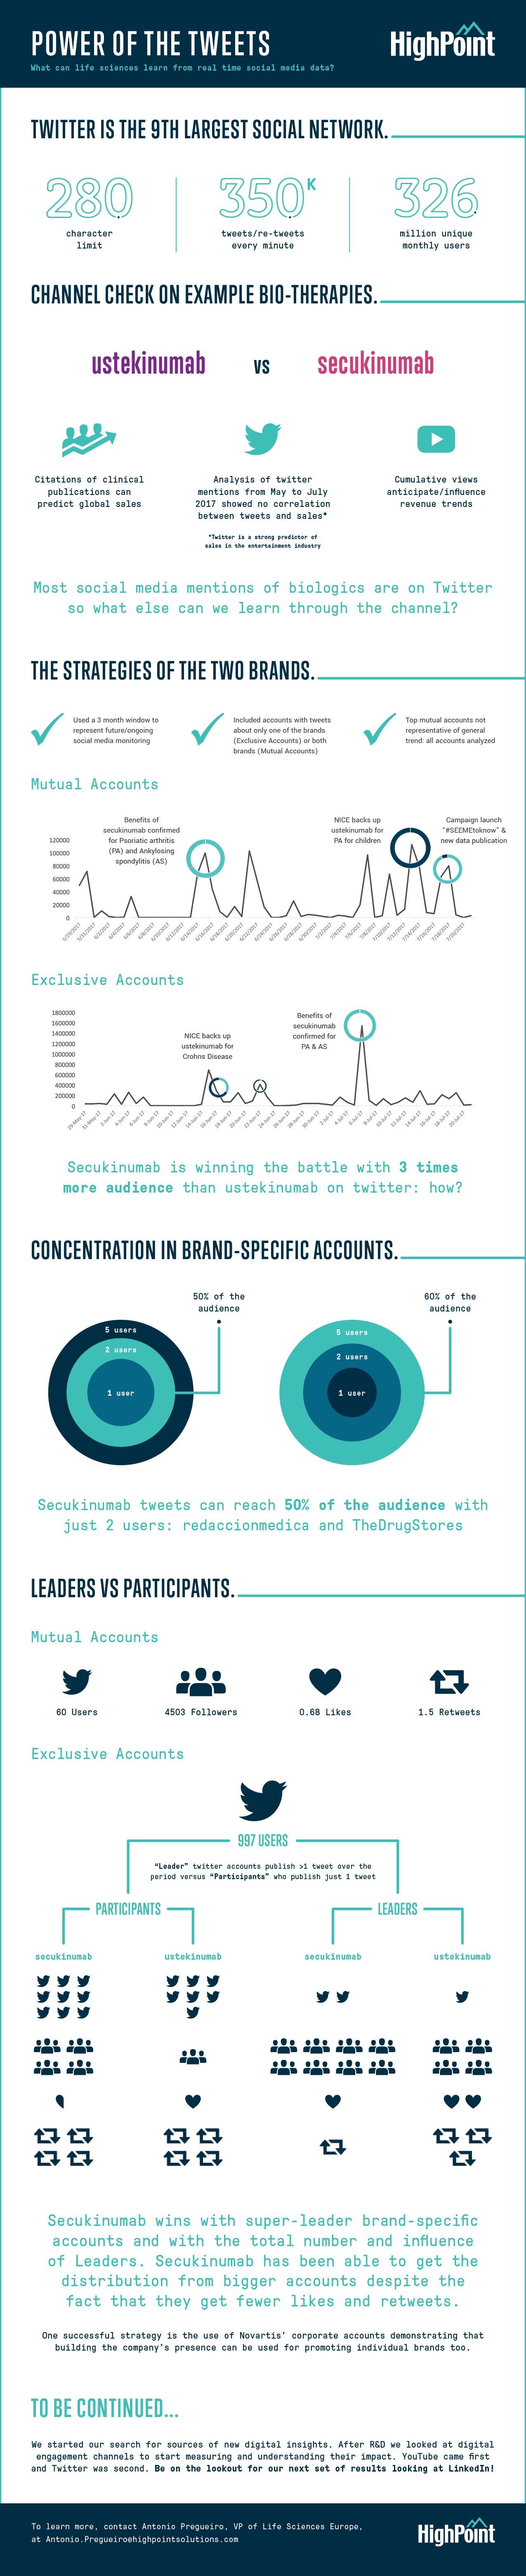 Harnessing_Power_of_Tweets-BLOG.jpg